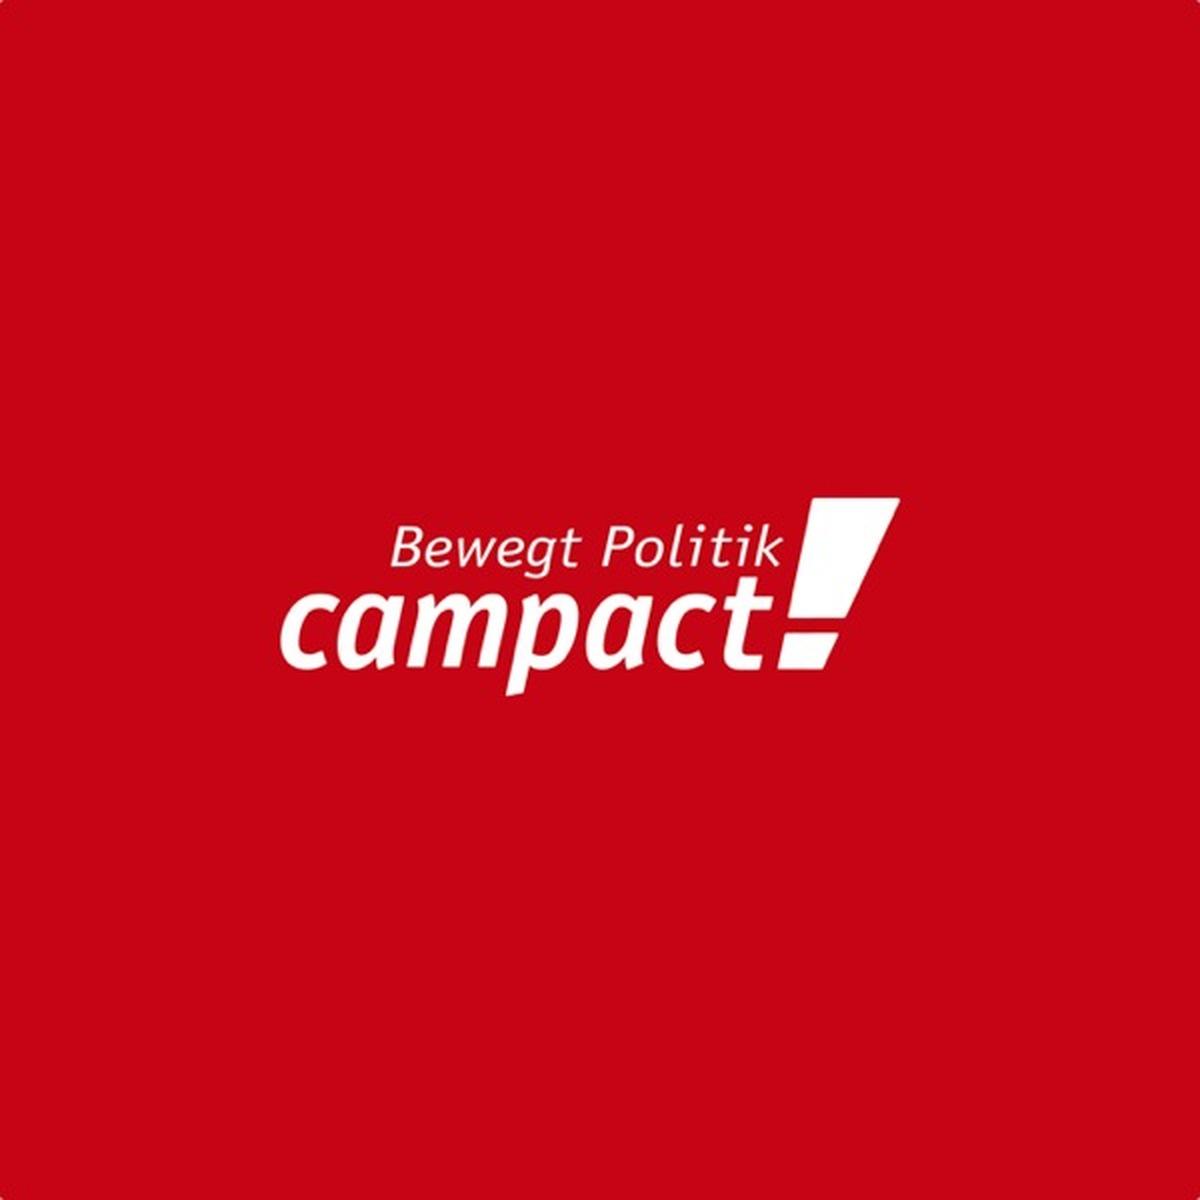 Grafiker*in Social Media bei Campact in Verden/Aller und im Homeoffice